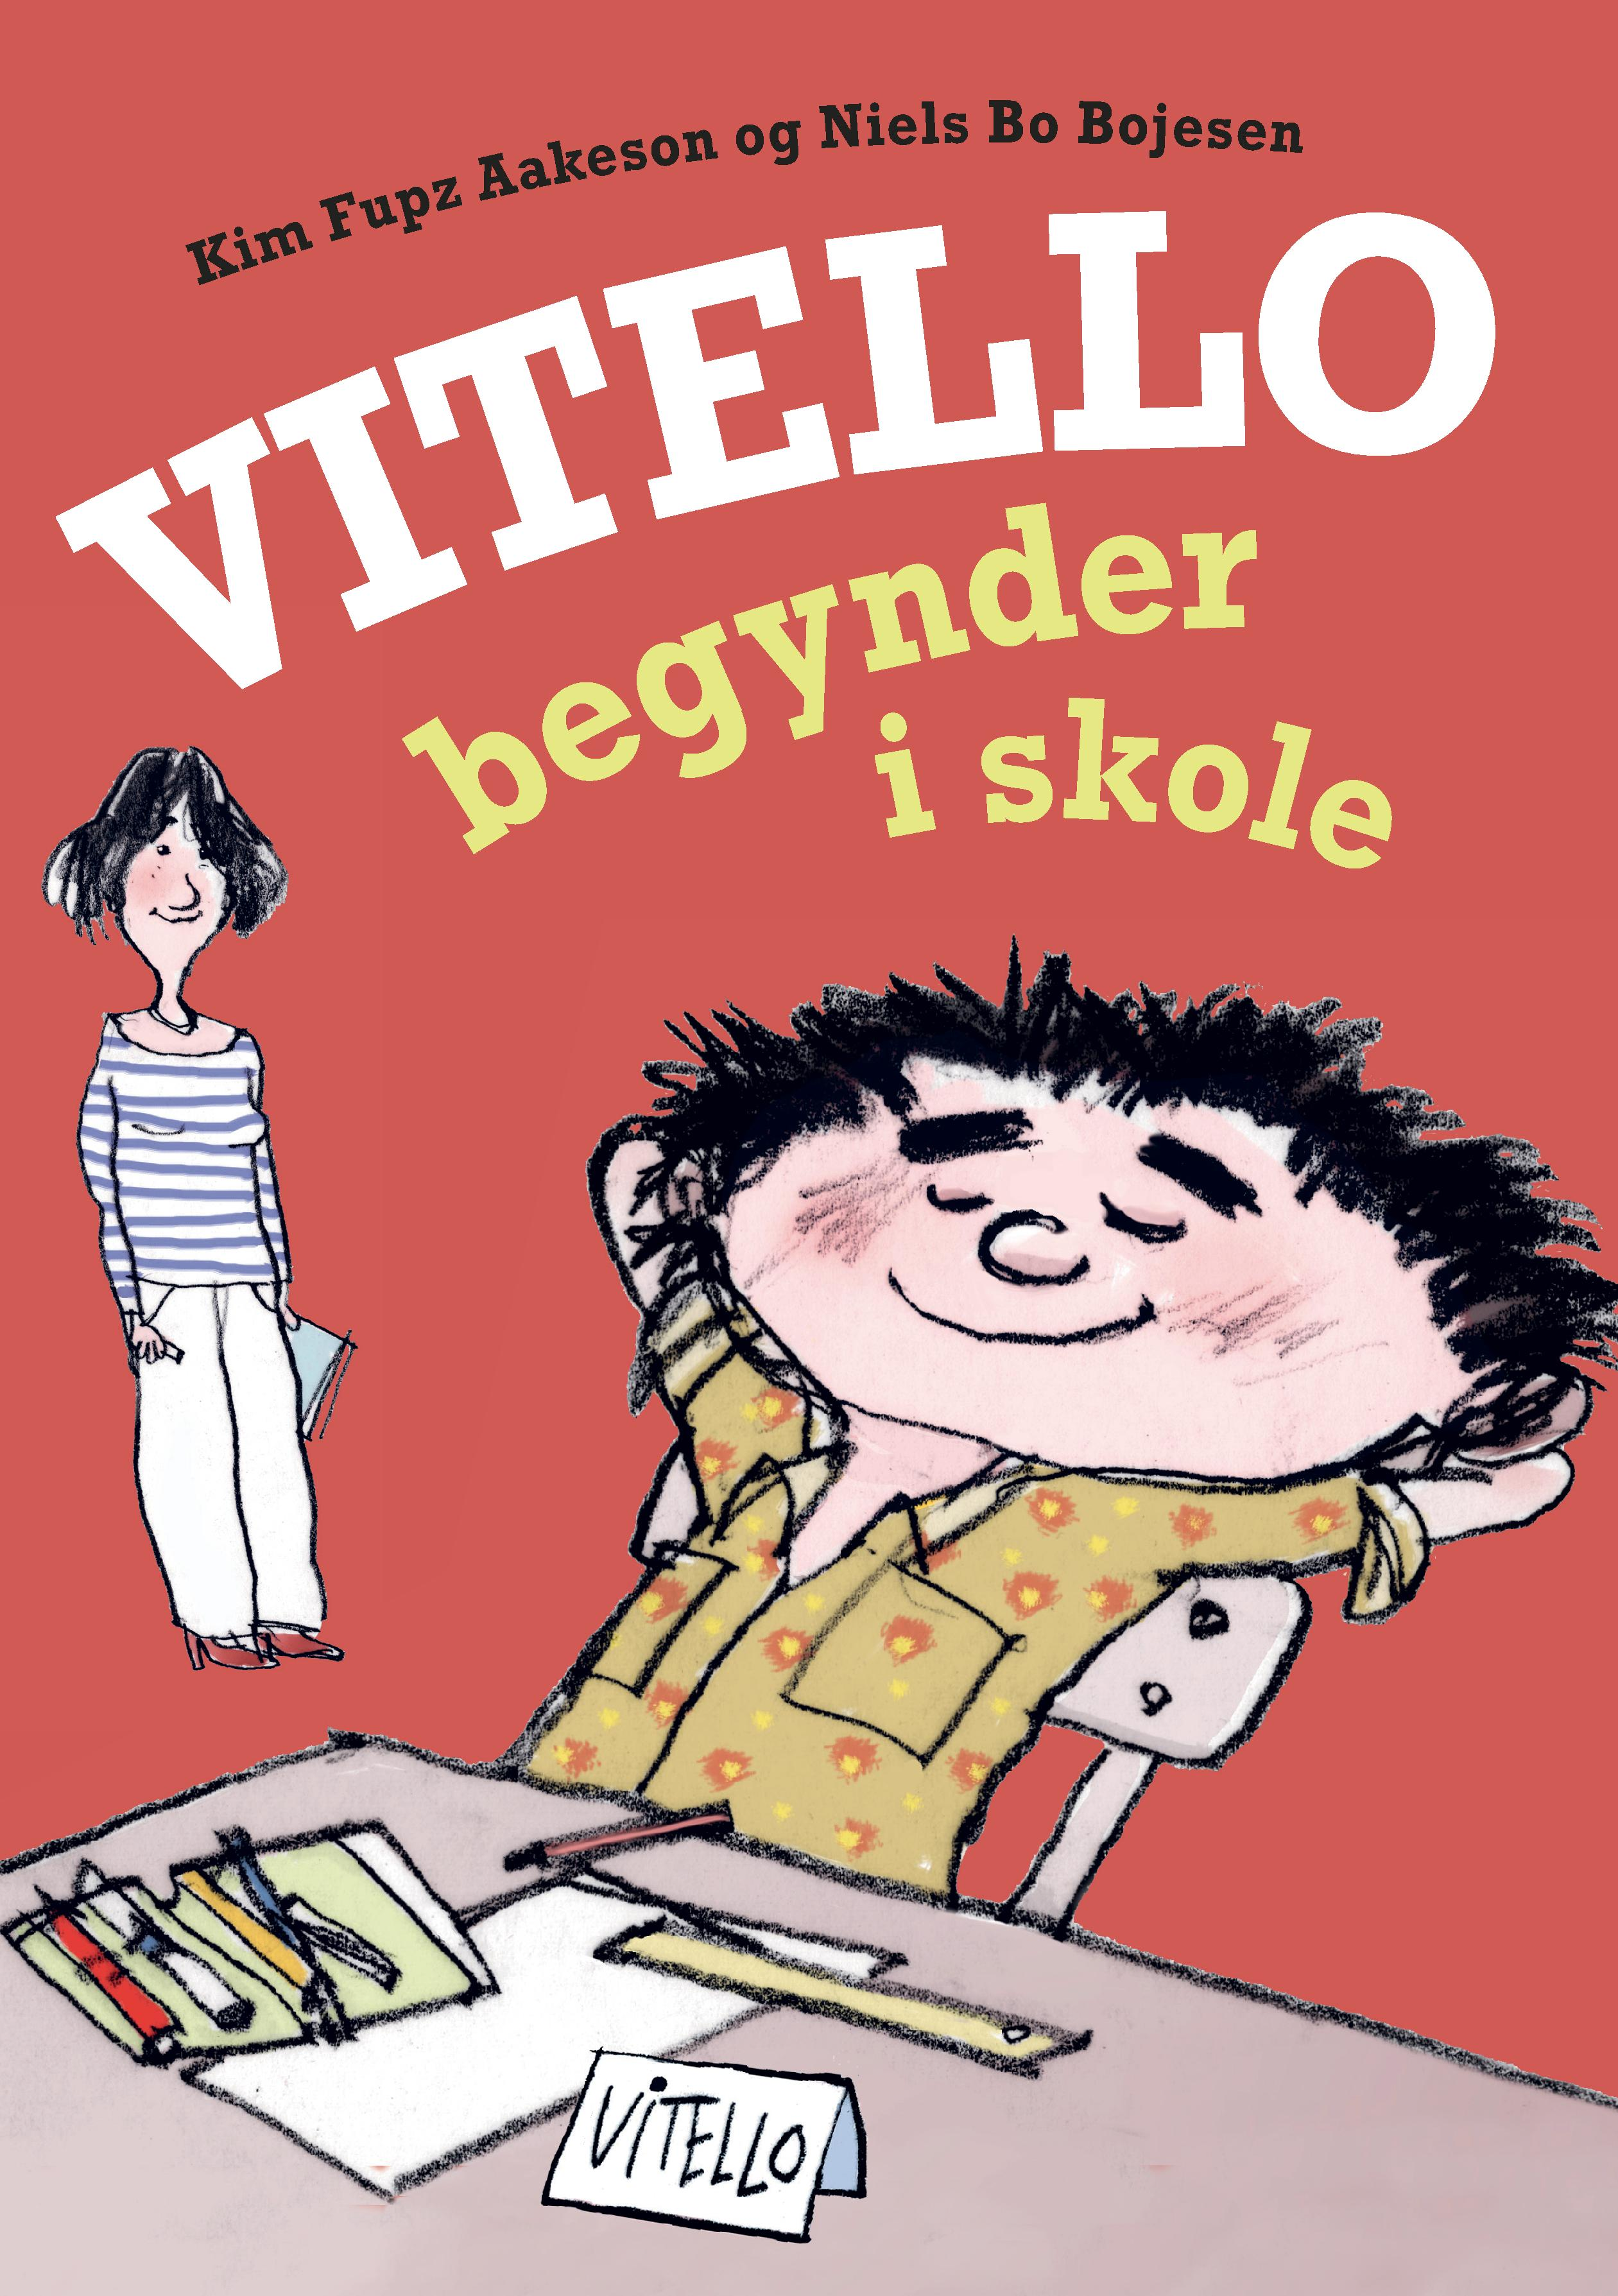 Vitello: Vitello begynder i skole - Kim Fupz Aakeson; Niels Bo Bojesen - Bøger - Gyldendal - 9788702295832 - 23/3-2020